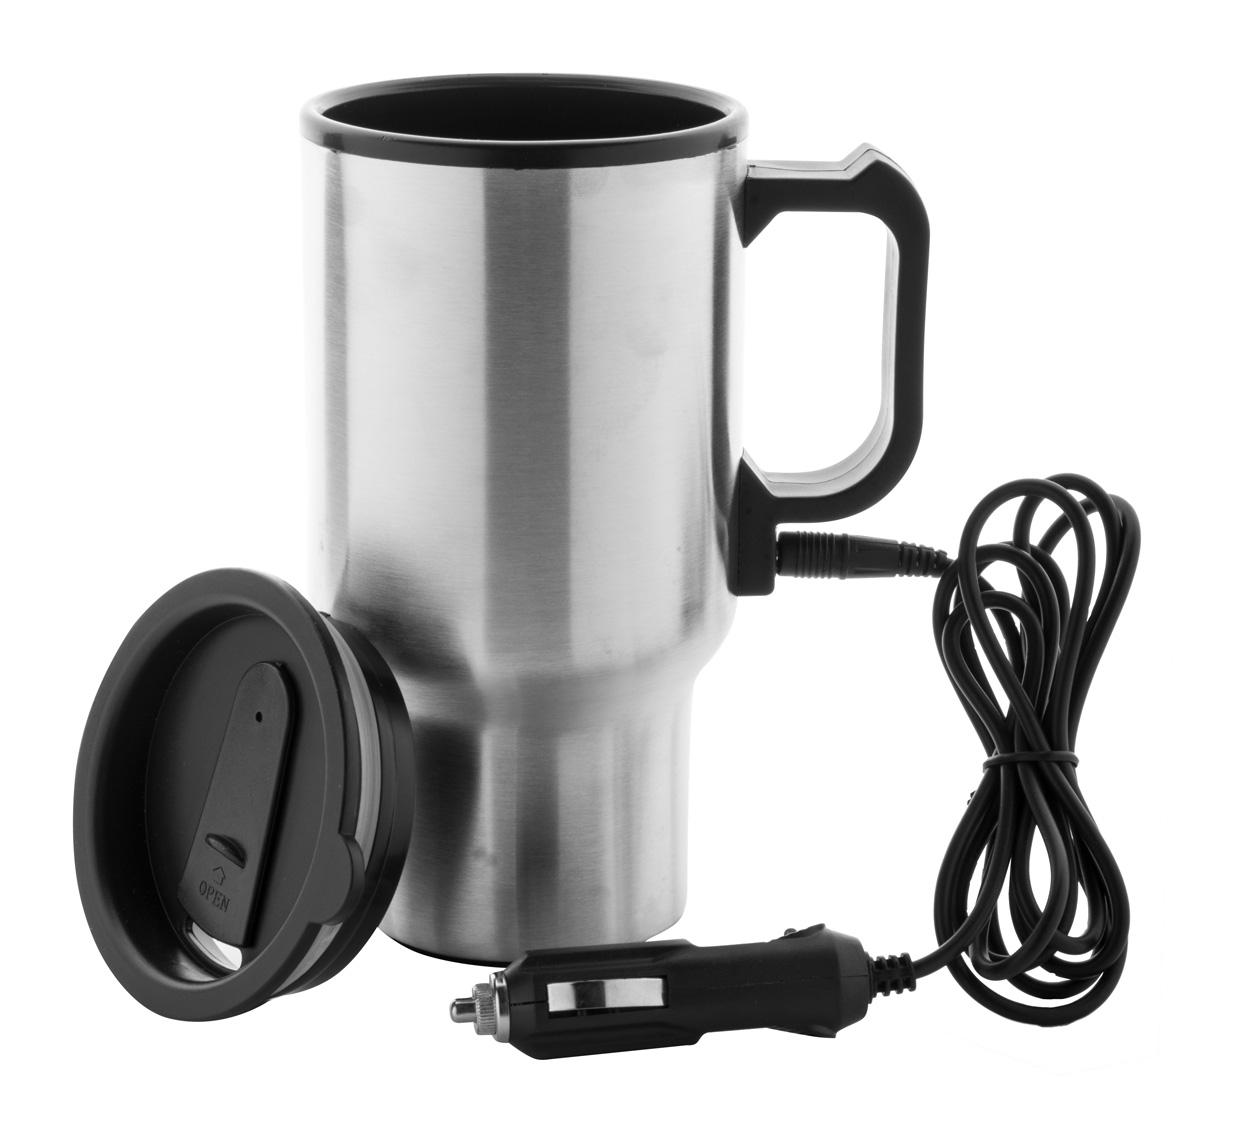 Cabot mug thermos pour la voiture